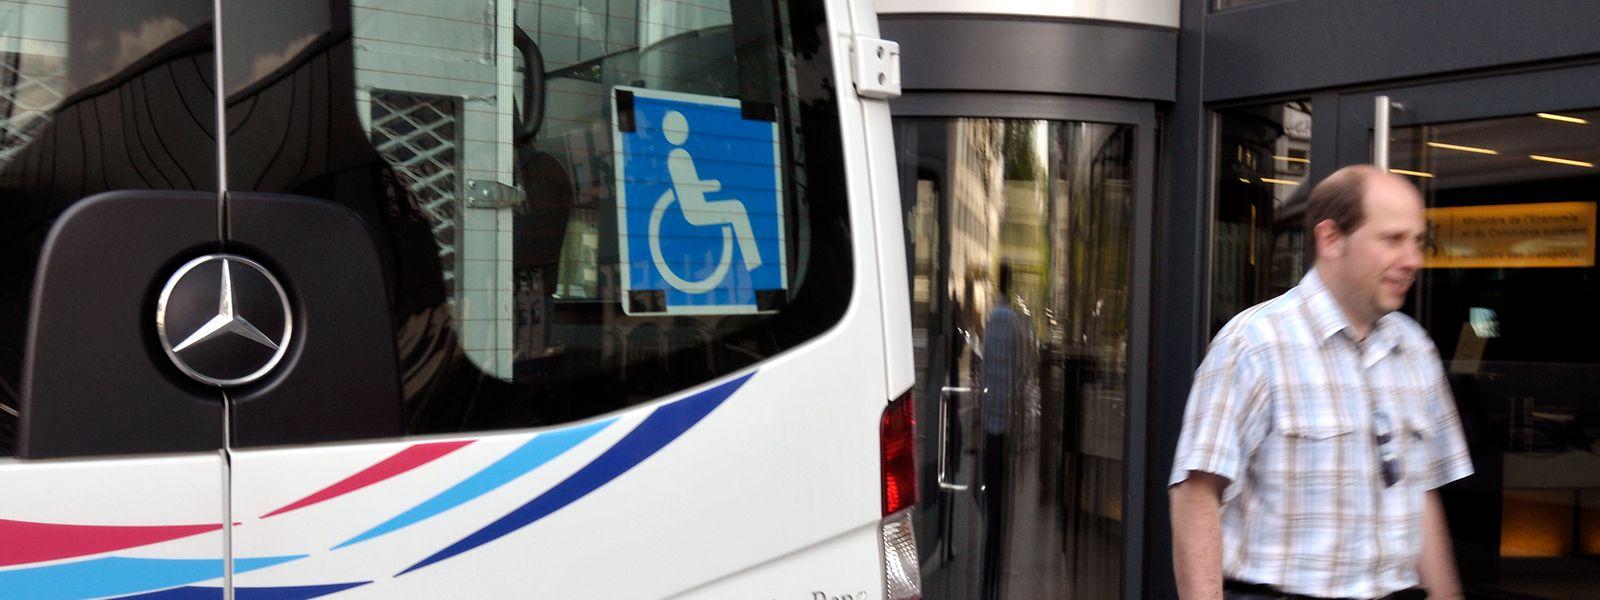 Der Adapto kann, so François Bausch, nicht mit dem klassischen öffentlichen Transport gleichgestellt werden.